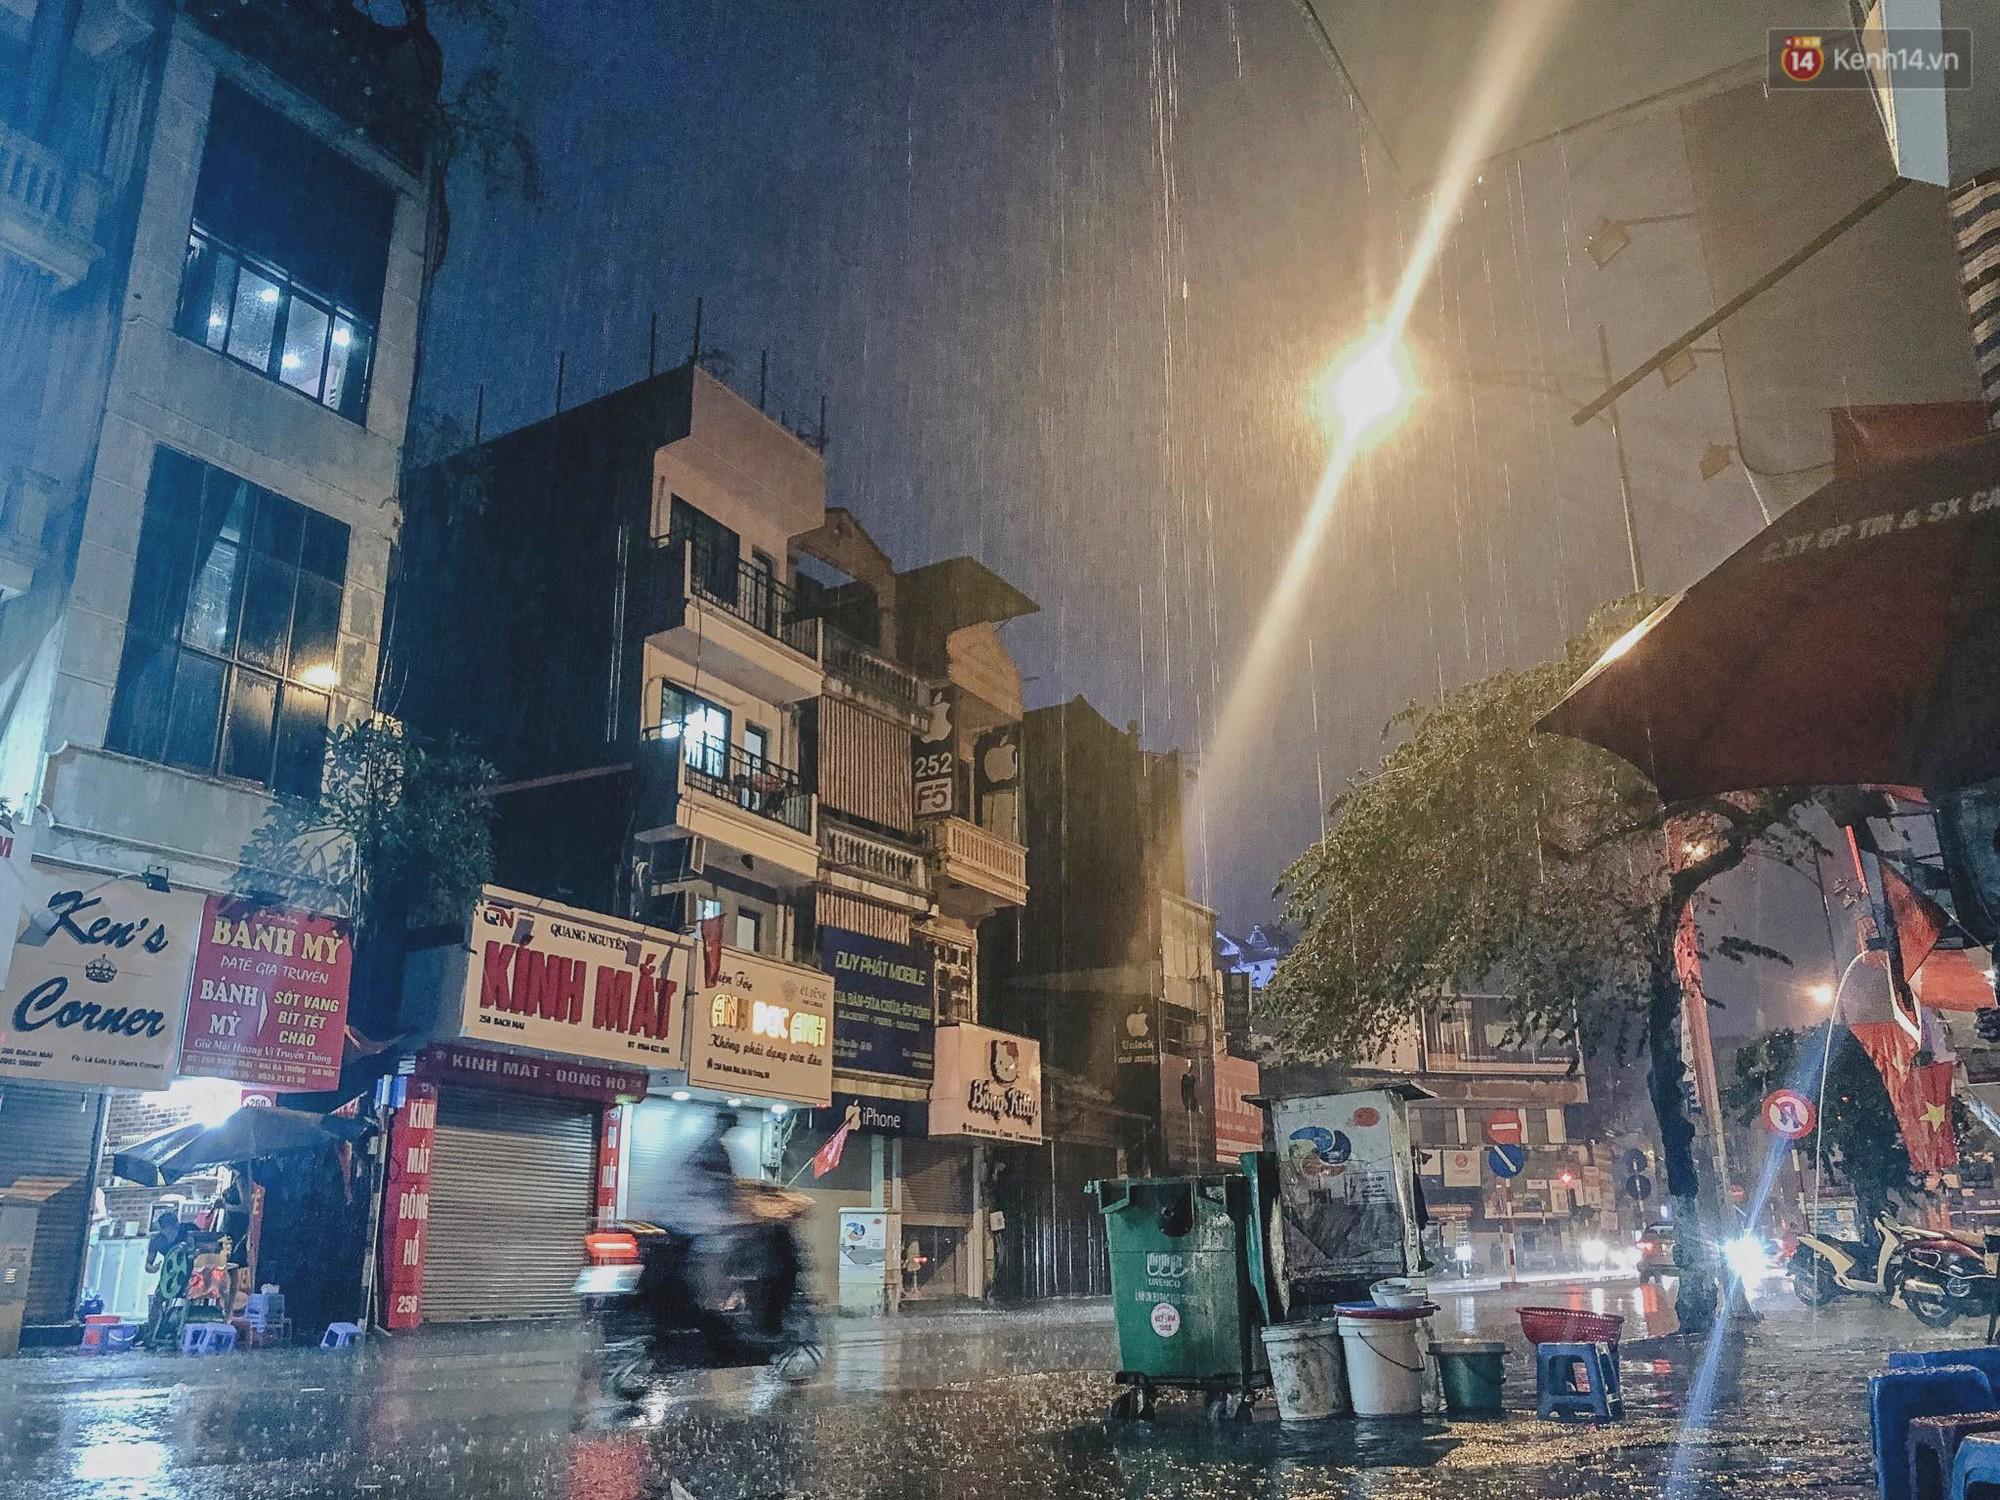 Hà Nội đón trận mưa lớn bất ngờ sau chuỗi ngày oi bức đến ngộp thở, một số tuyến đường bắt đầu ngập úng - Ảnh 2.